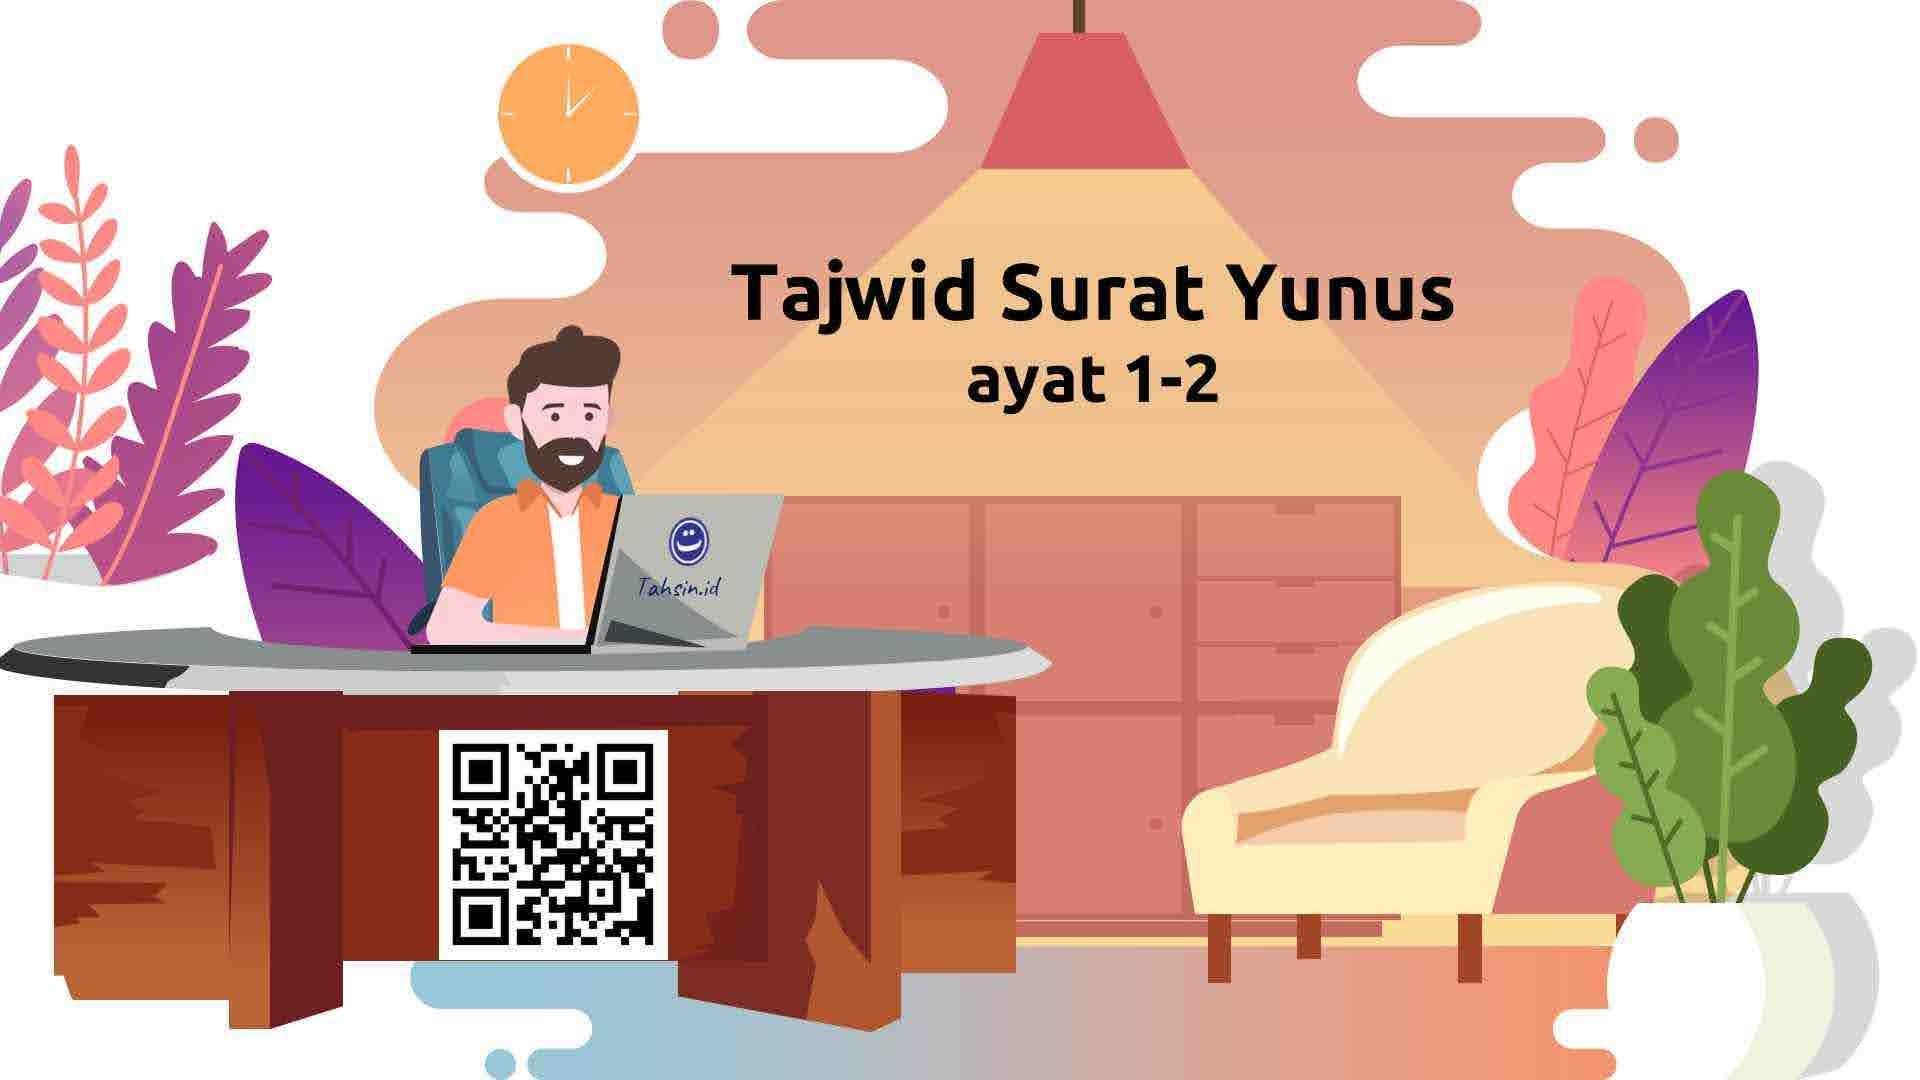 tajwid-surat-yunus-ayat-1-2